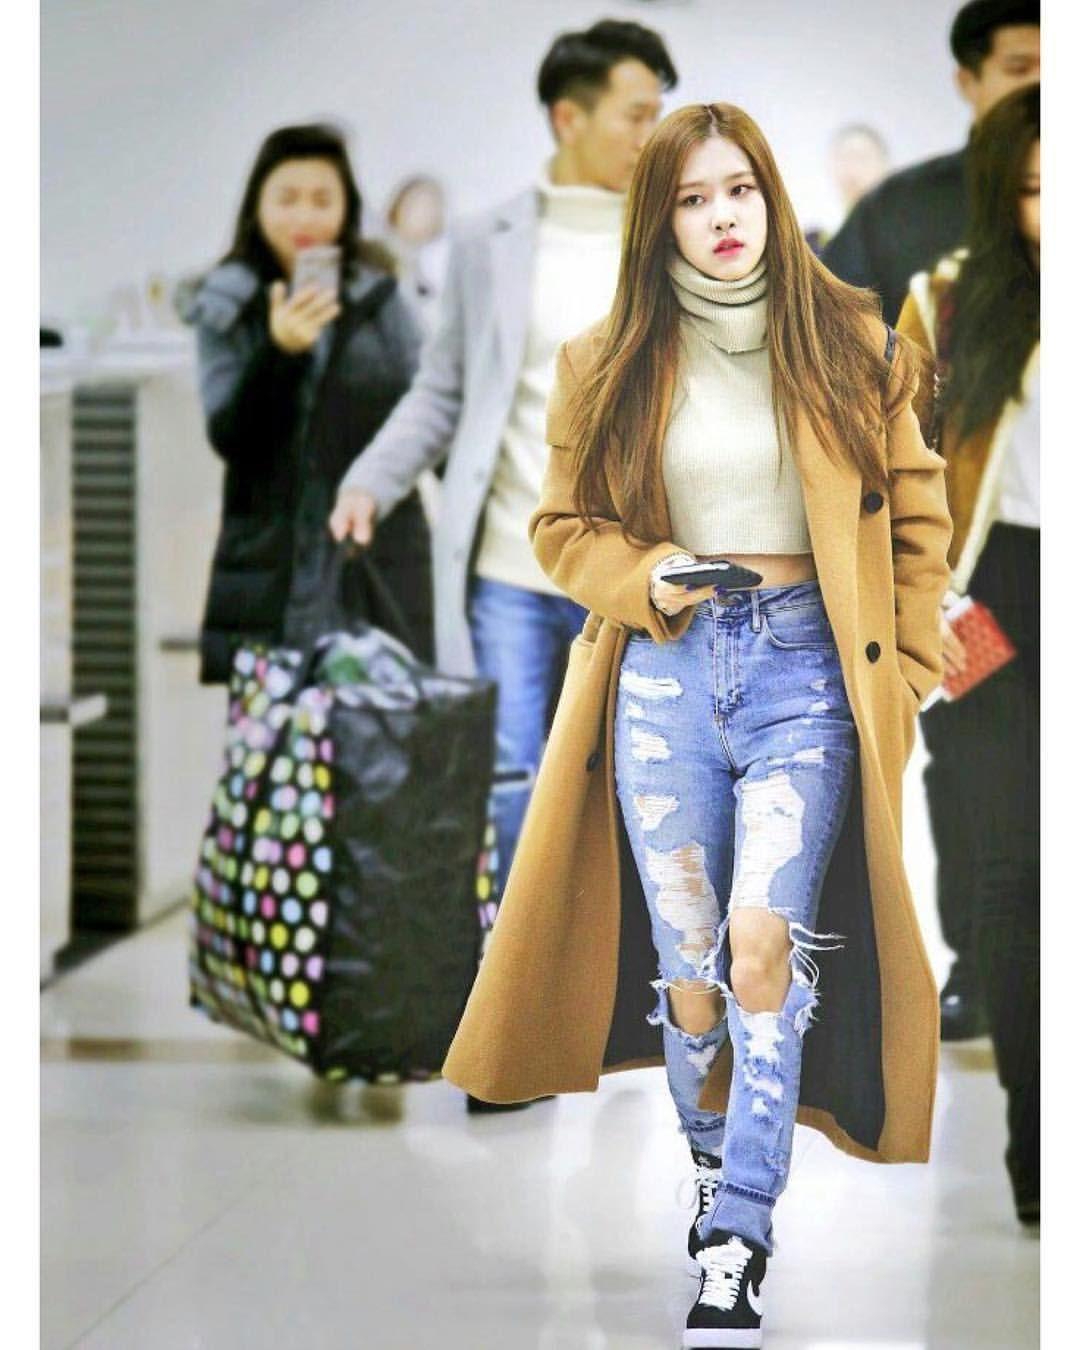 Kpop Idols Airport Fashion 2019 Blackpink Fashion Kpop Fashion Kpop Outfits